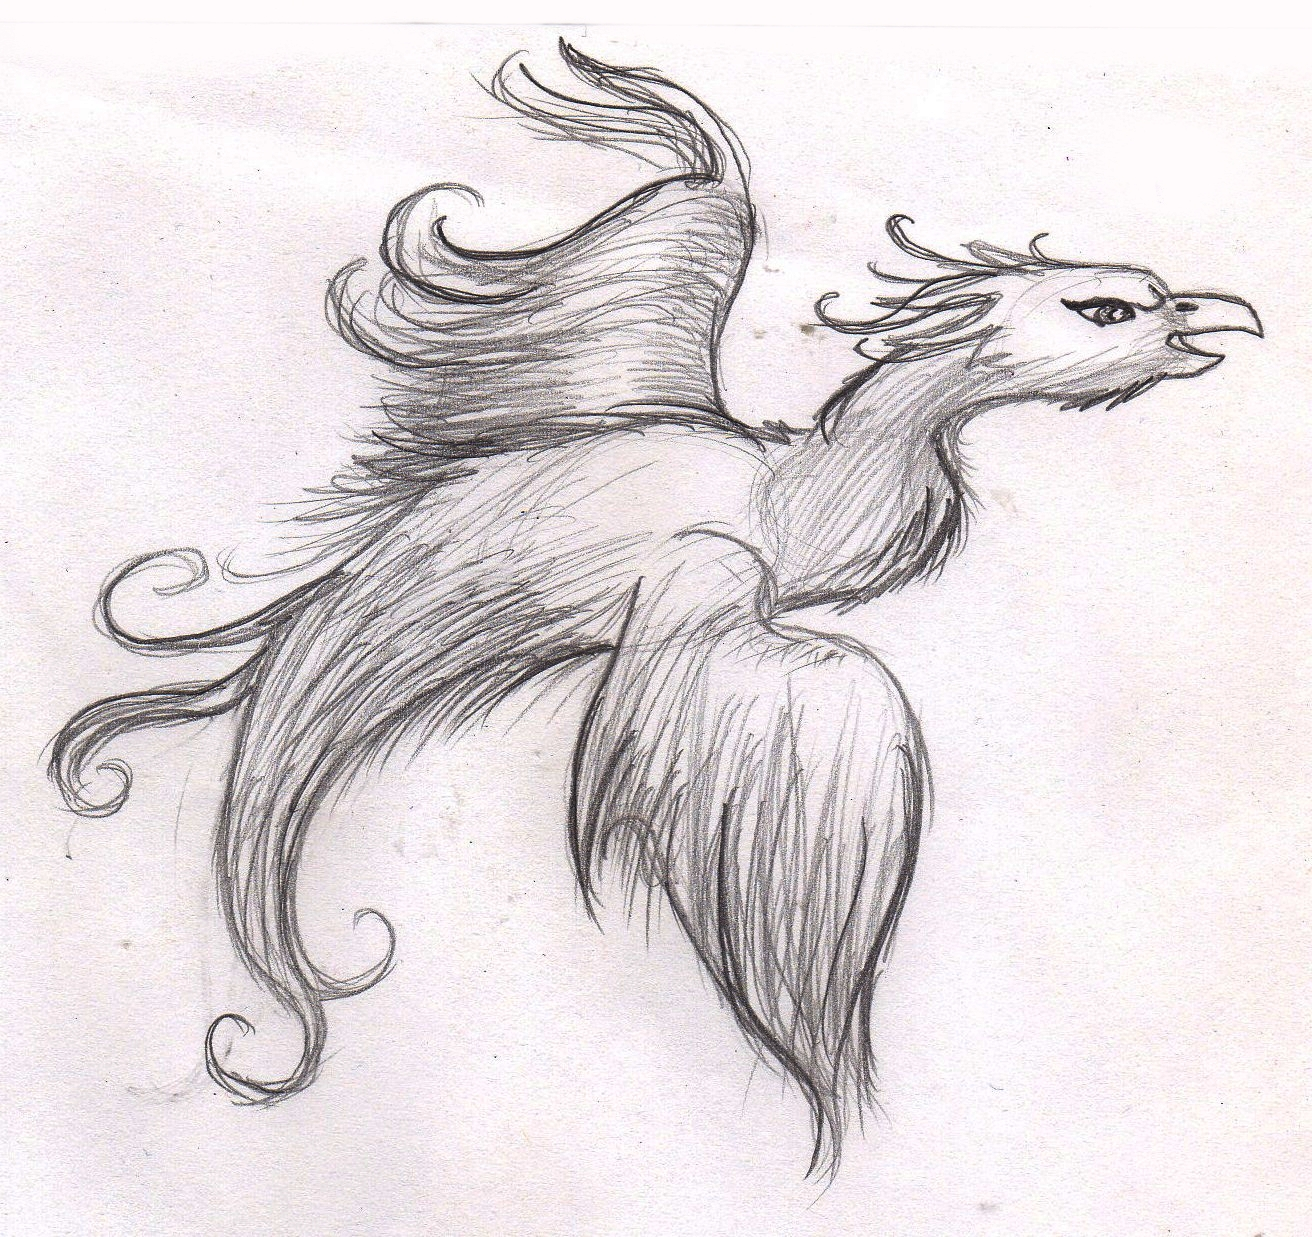 Phoenix by mashaheart